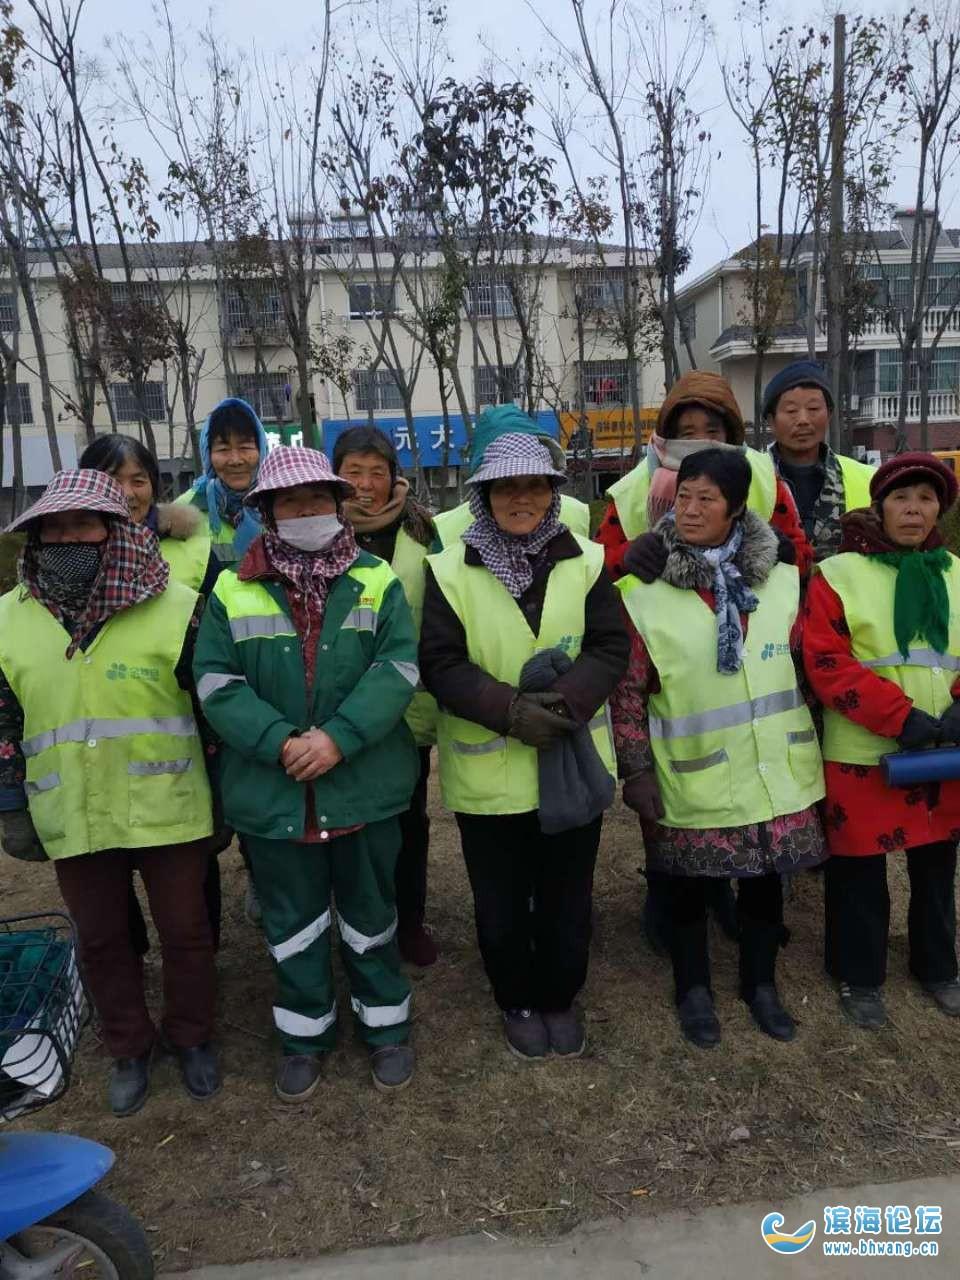 由于貨源緊張,處在抗疫情一線的濱海縣金沙田環境服務